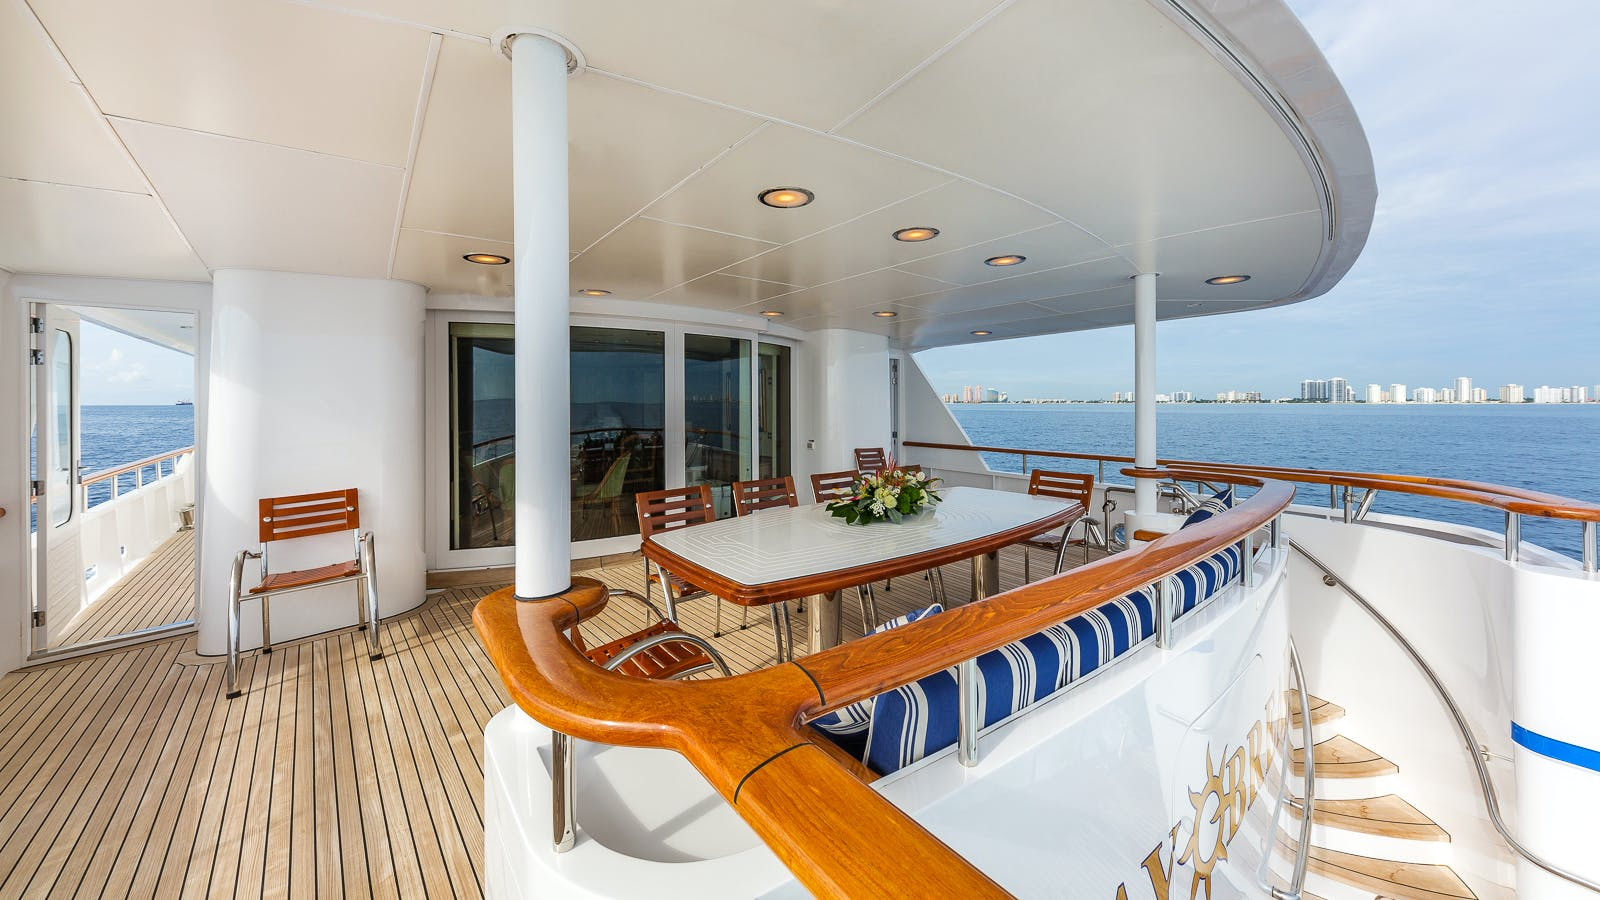 DAYBREAK Yacht